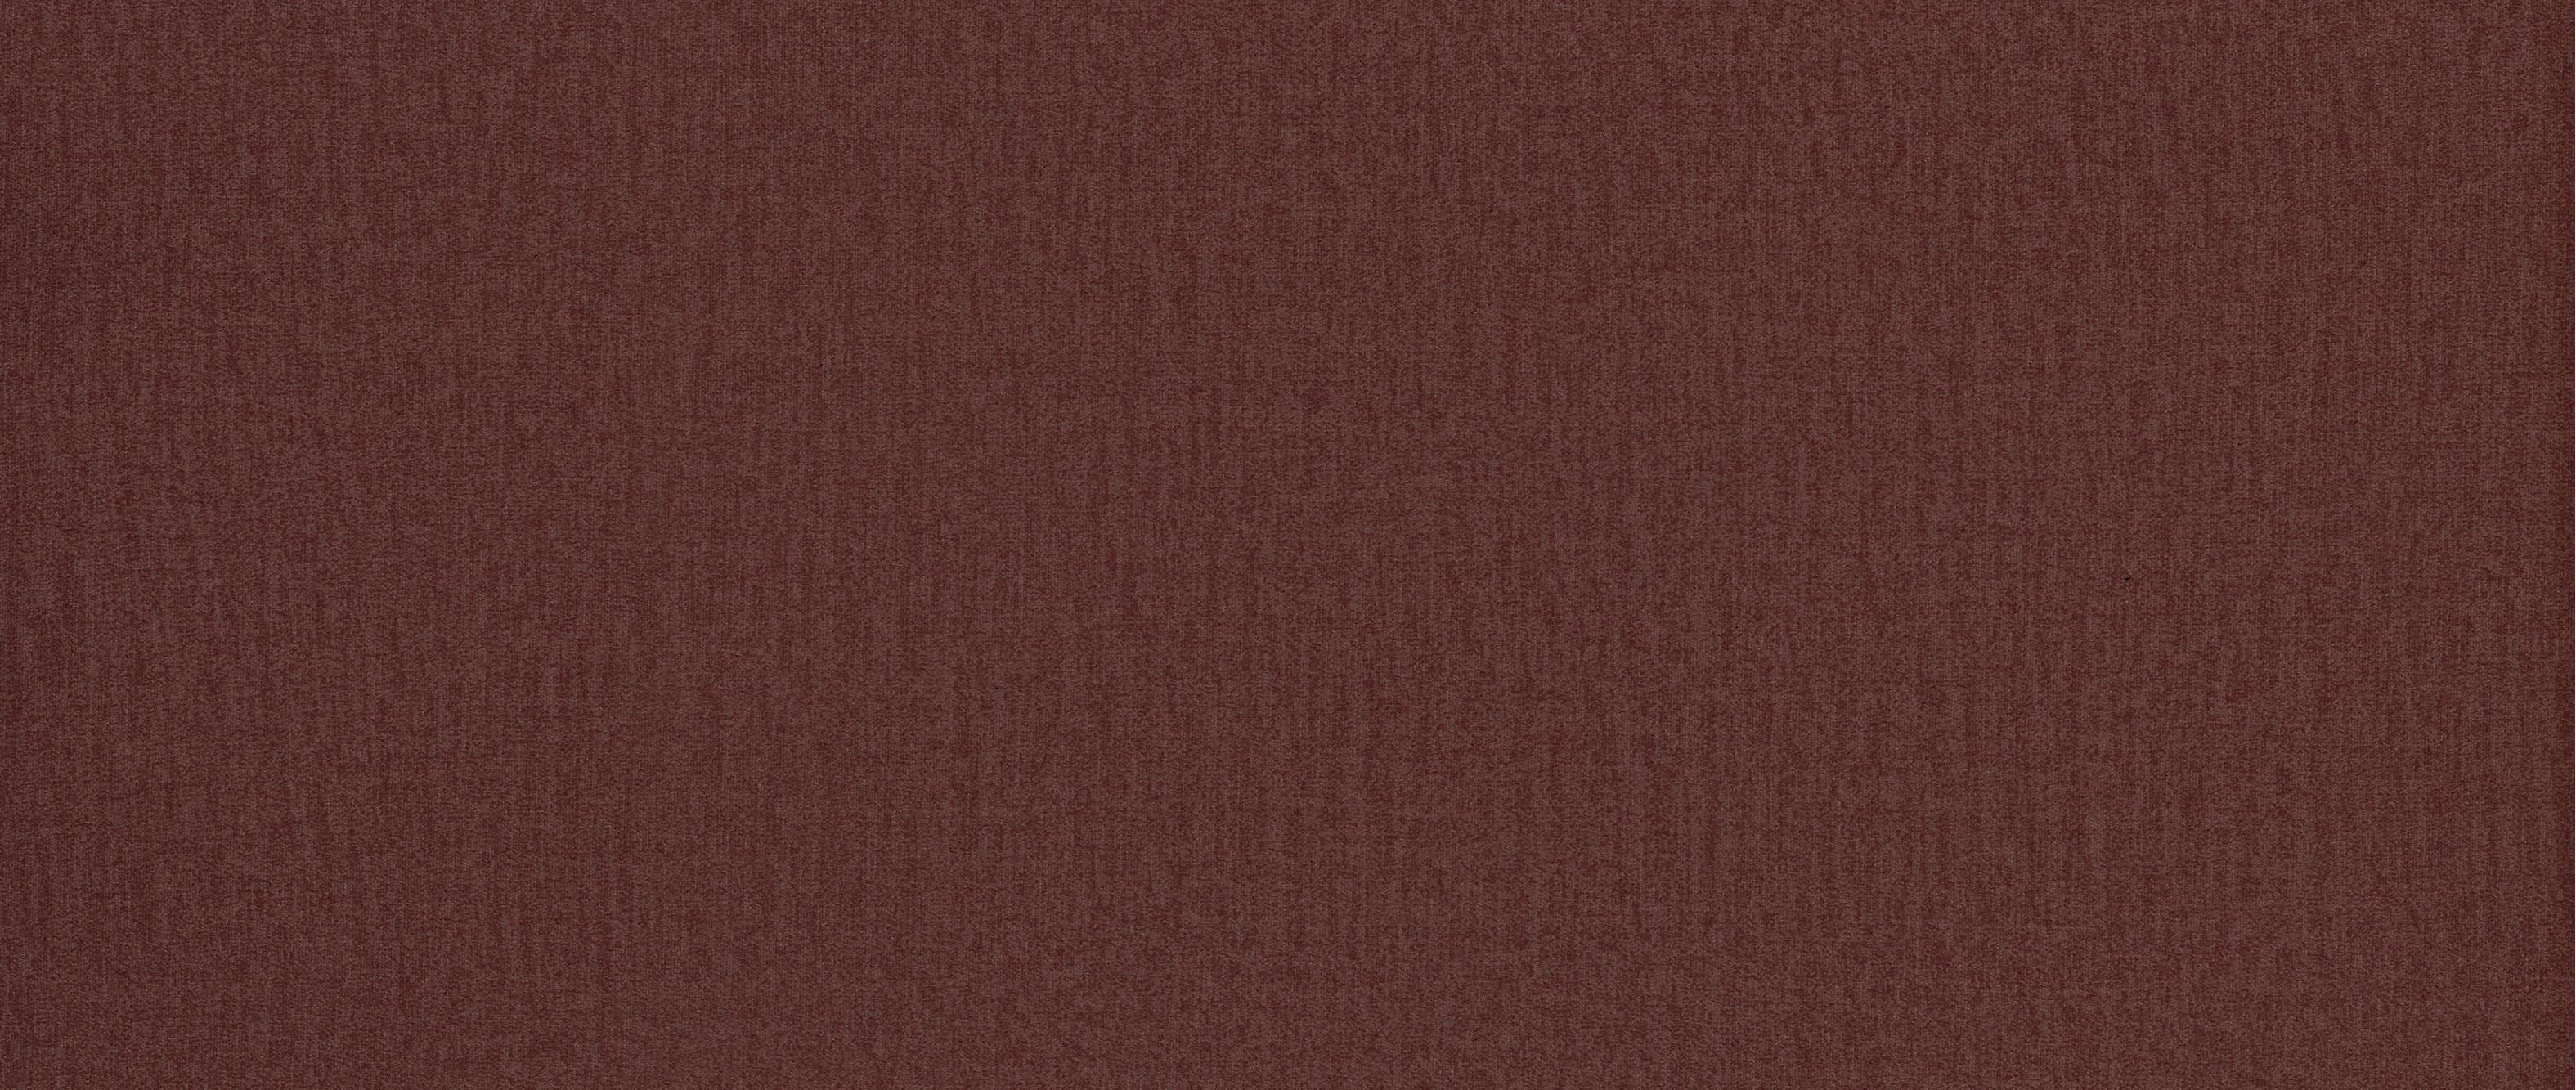 Kolor skóry: Monolith 63 tekstura